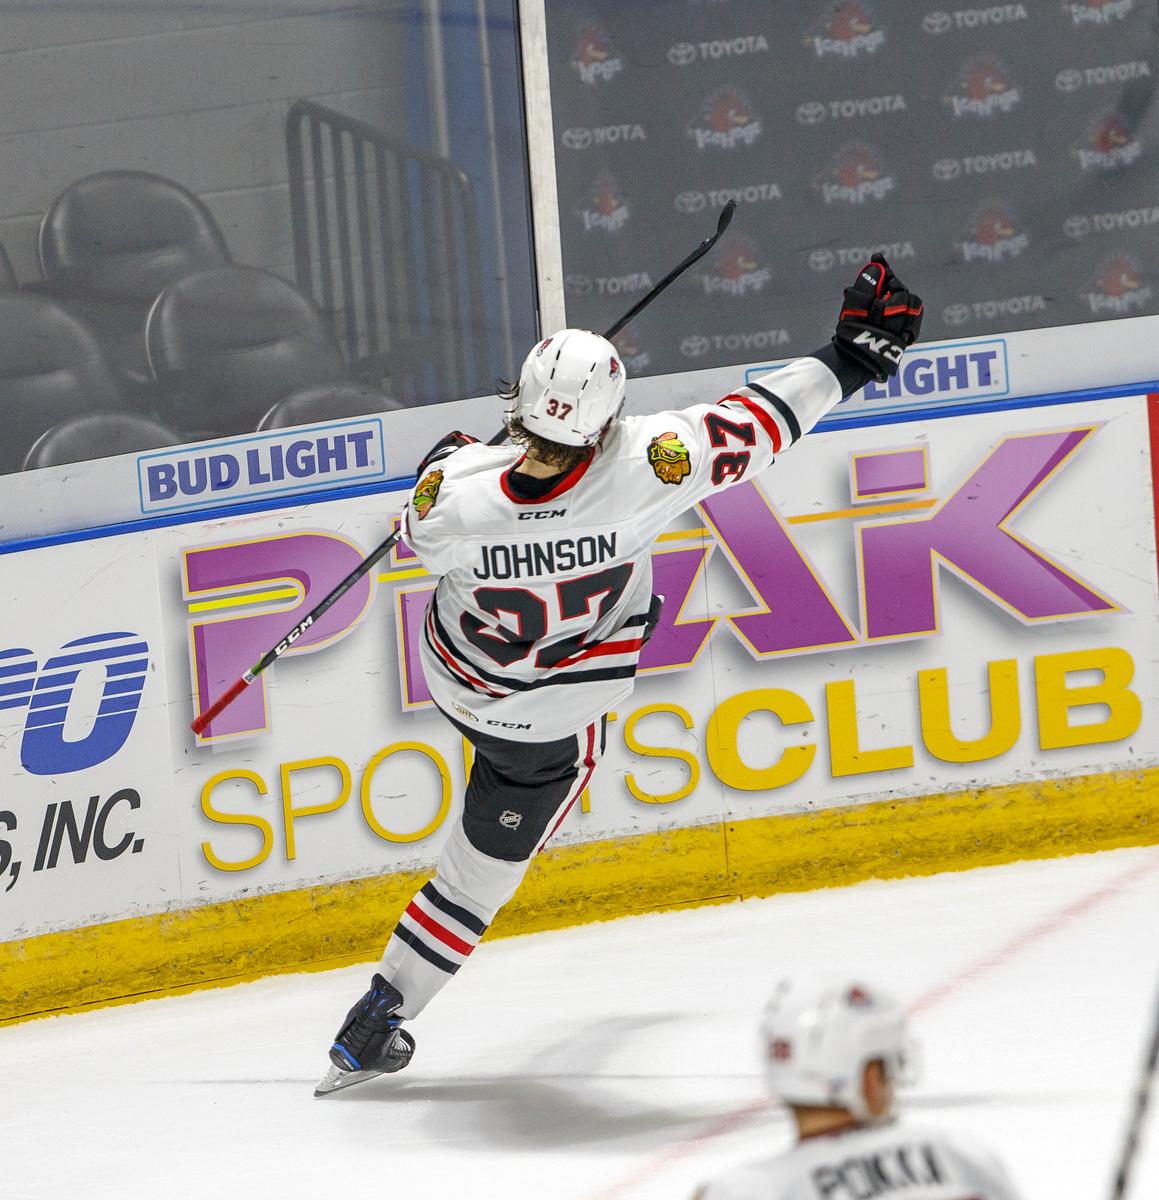 IMAGE: https://photos.smugmug.com/Sports/HockeyPhotos/IceHogs-2017-2018/10-20-17-IceHogs-vs-Griffins/i-f4tMVhx/0/260e15cc/X3/CC6Q4621_1173-X3.jpg